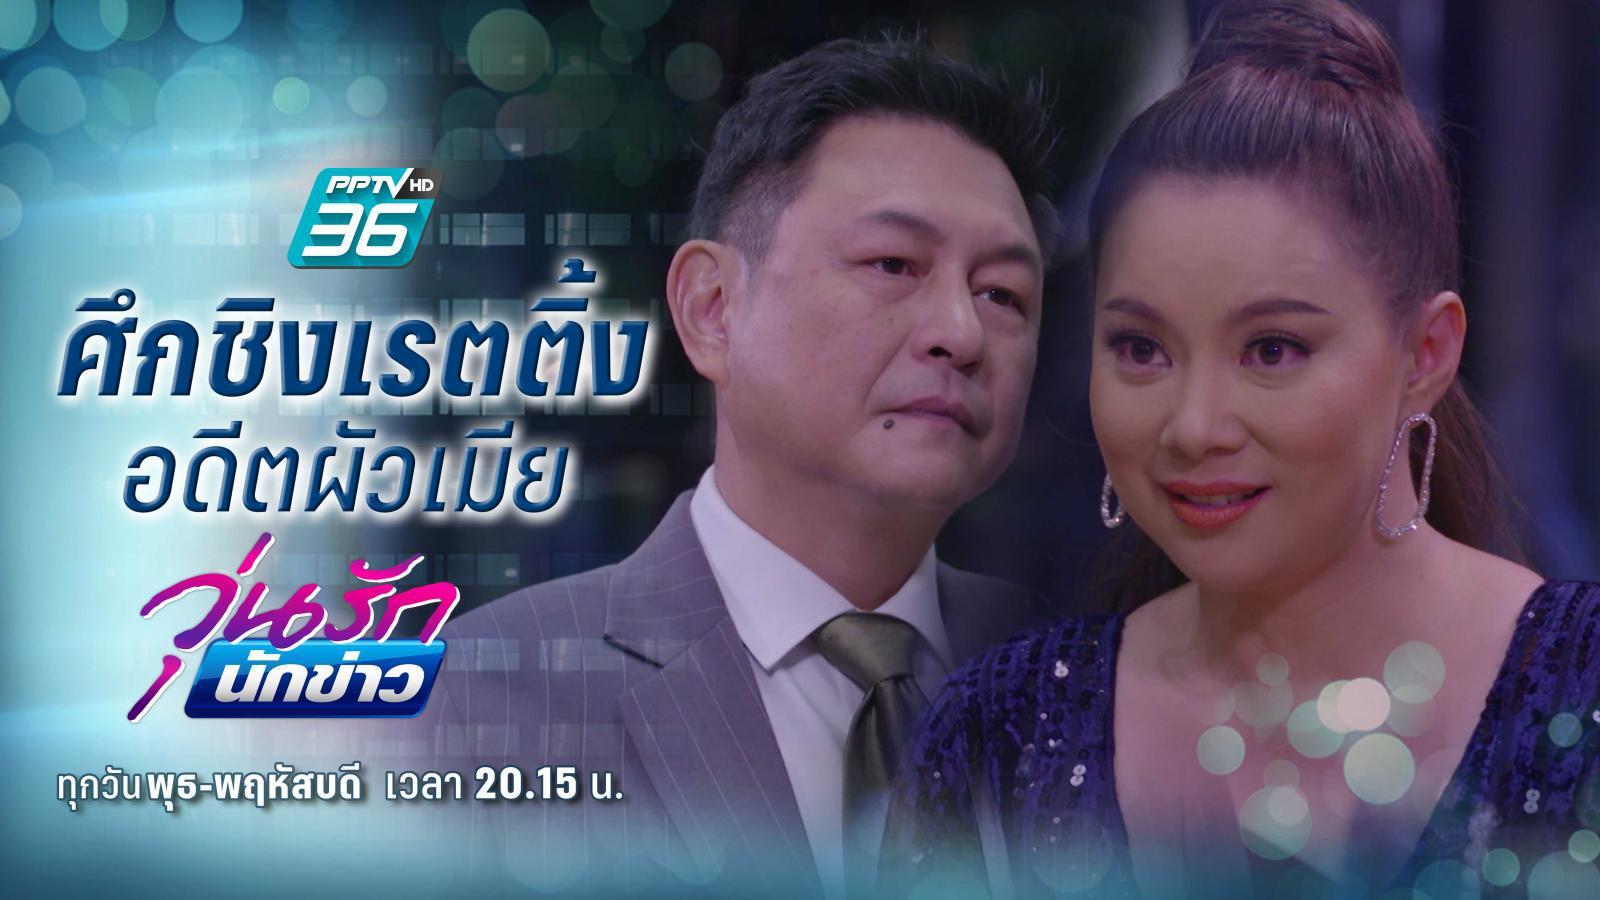 วุ่นรักนักข่าว | ฟินสุด | ศึกชิงเรตติ้ง ระหว่างผัวเมีย| PPTV HD 36